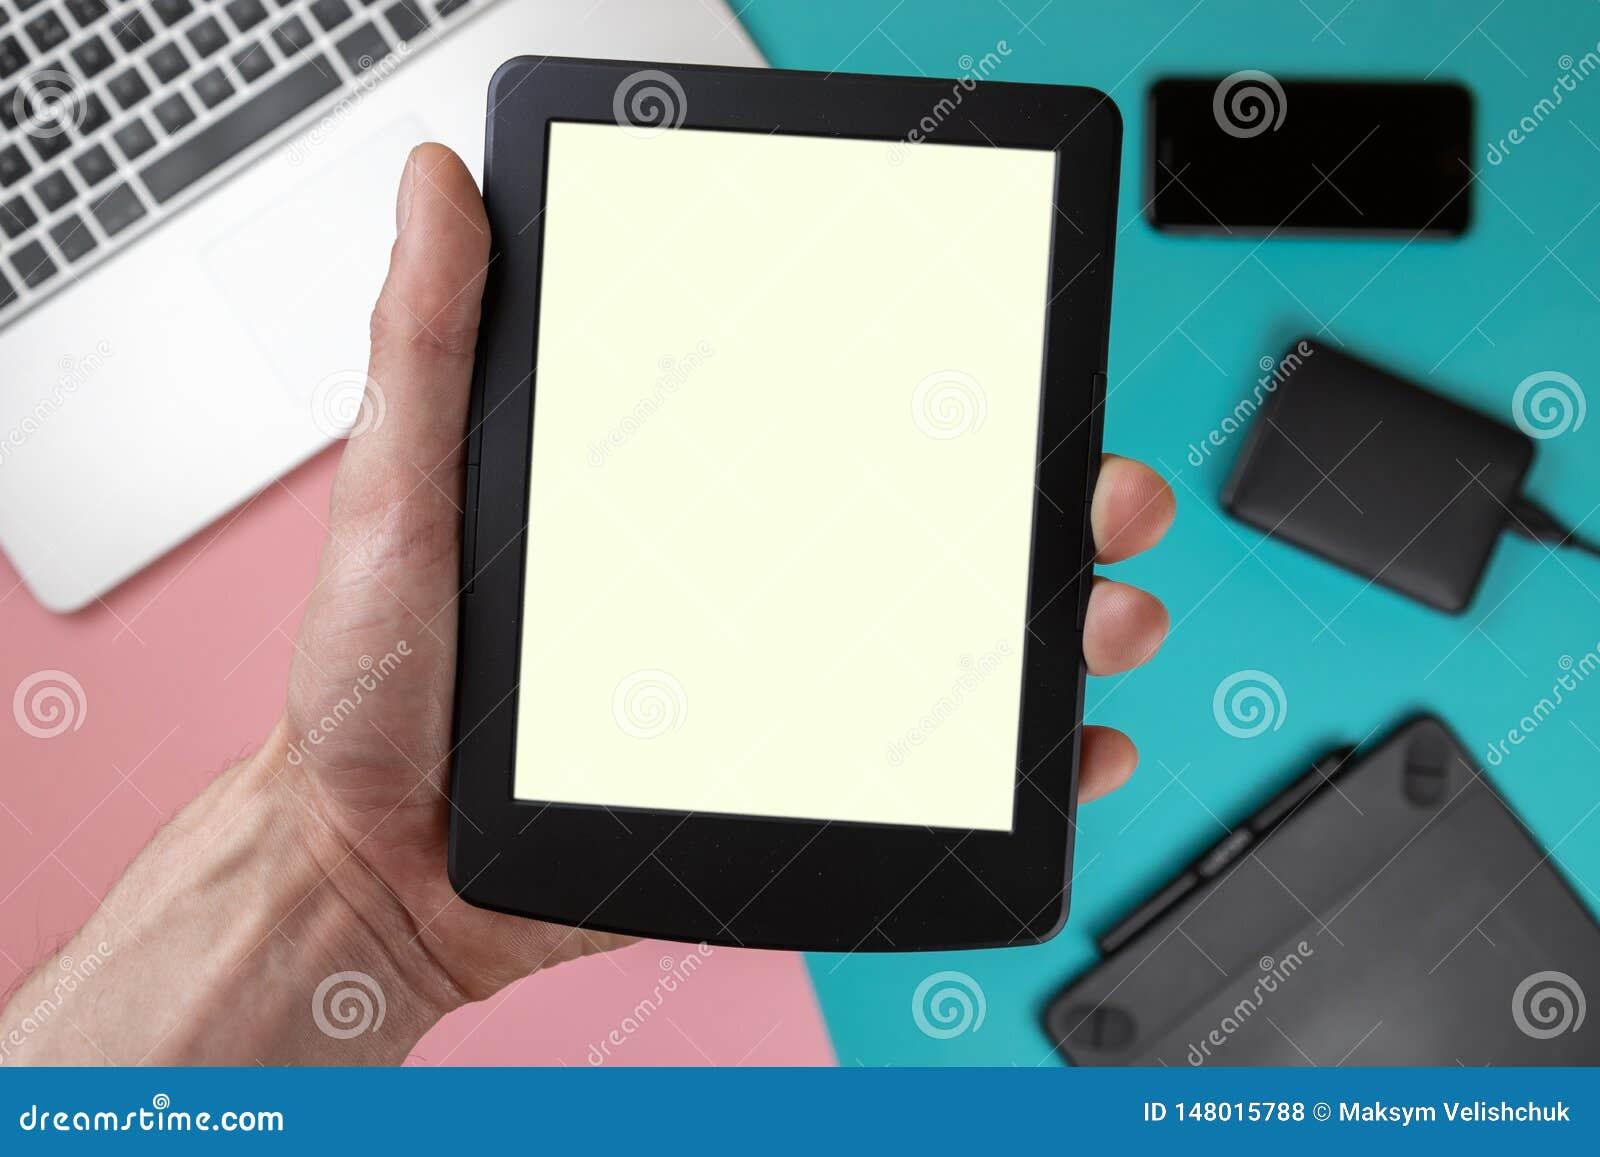 Handnote auf leerem Schirm der Tablette ?ber bunter Tischplatteansicht, lassen Raum f?r Anzeige Ihres Inhalts, Technologiekonzept